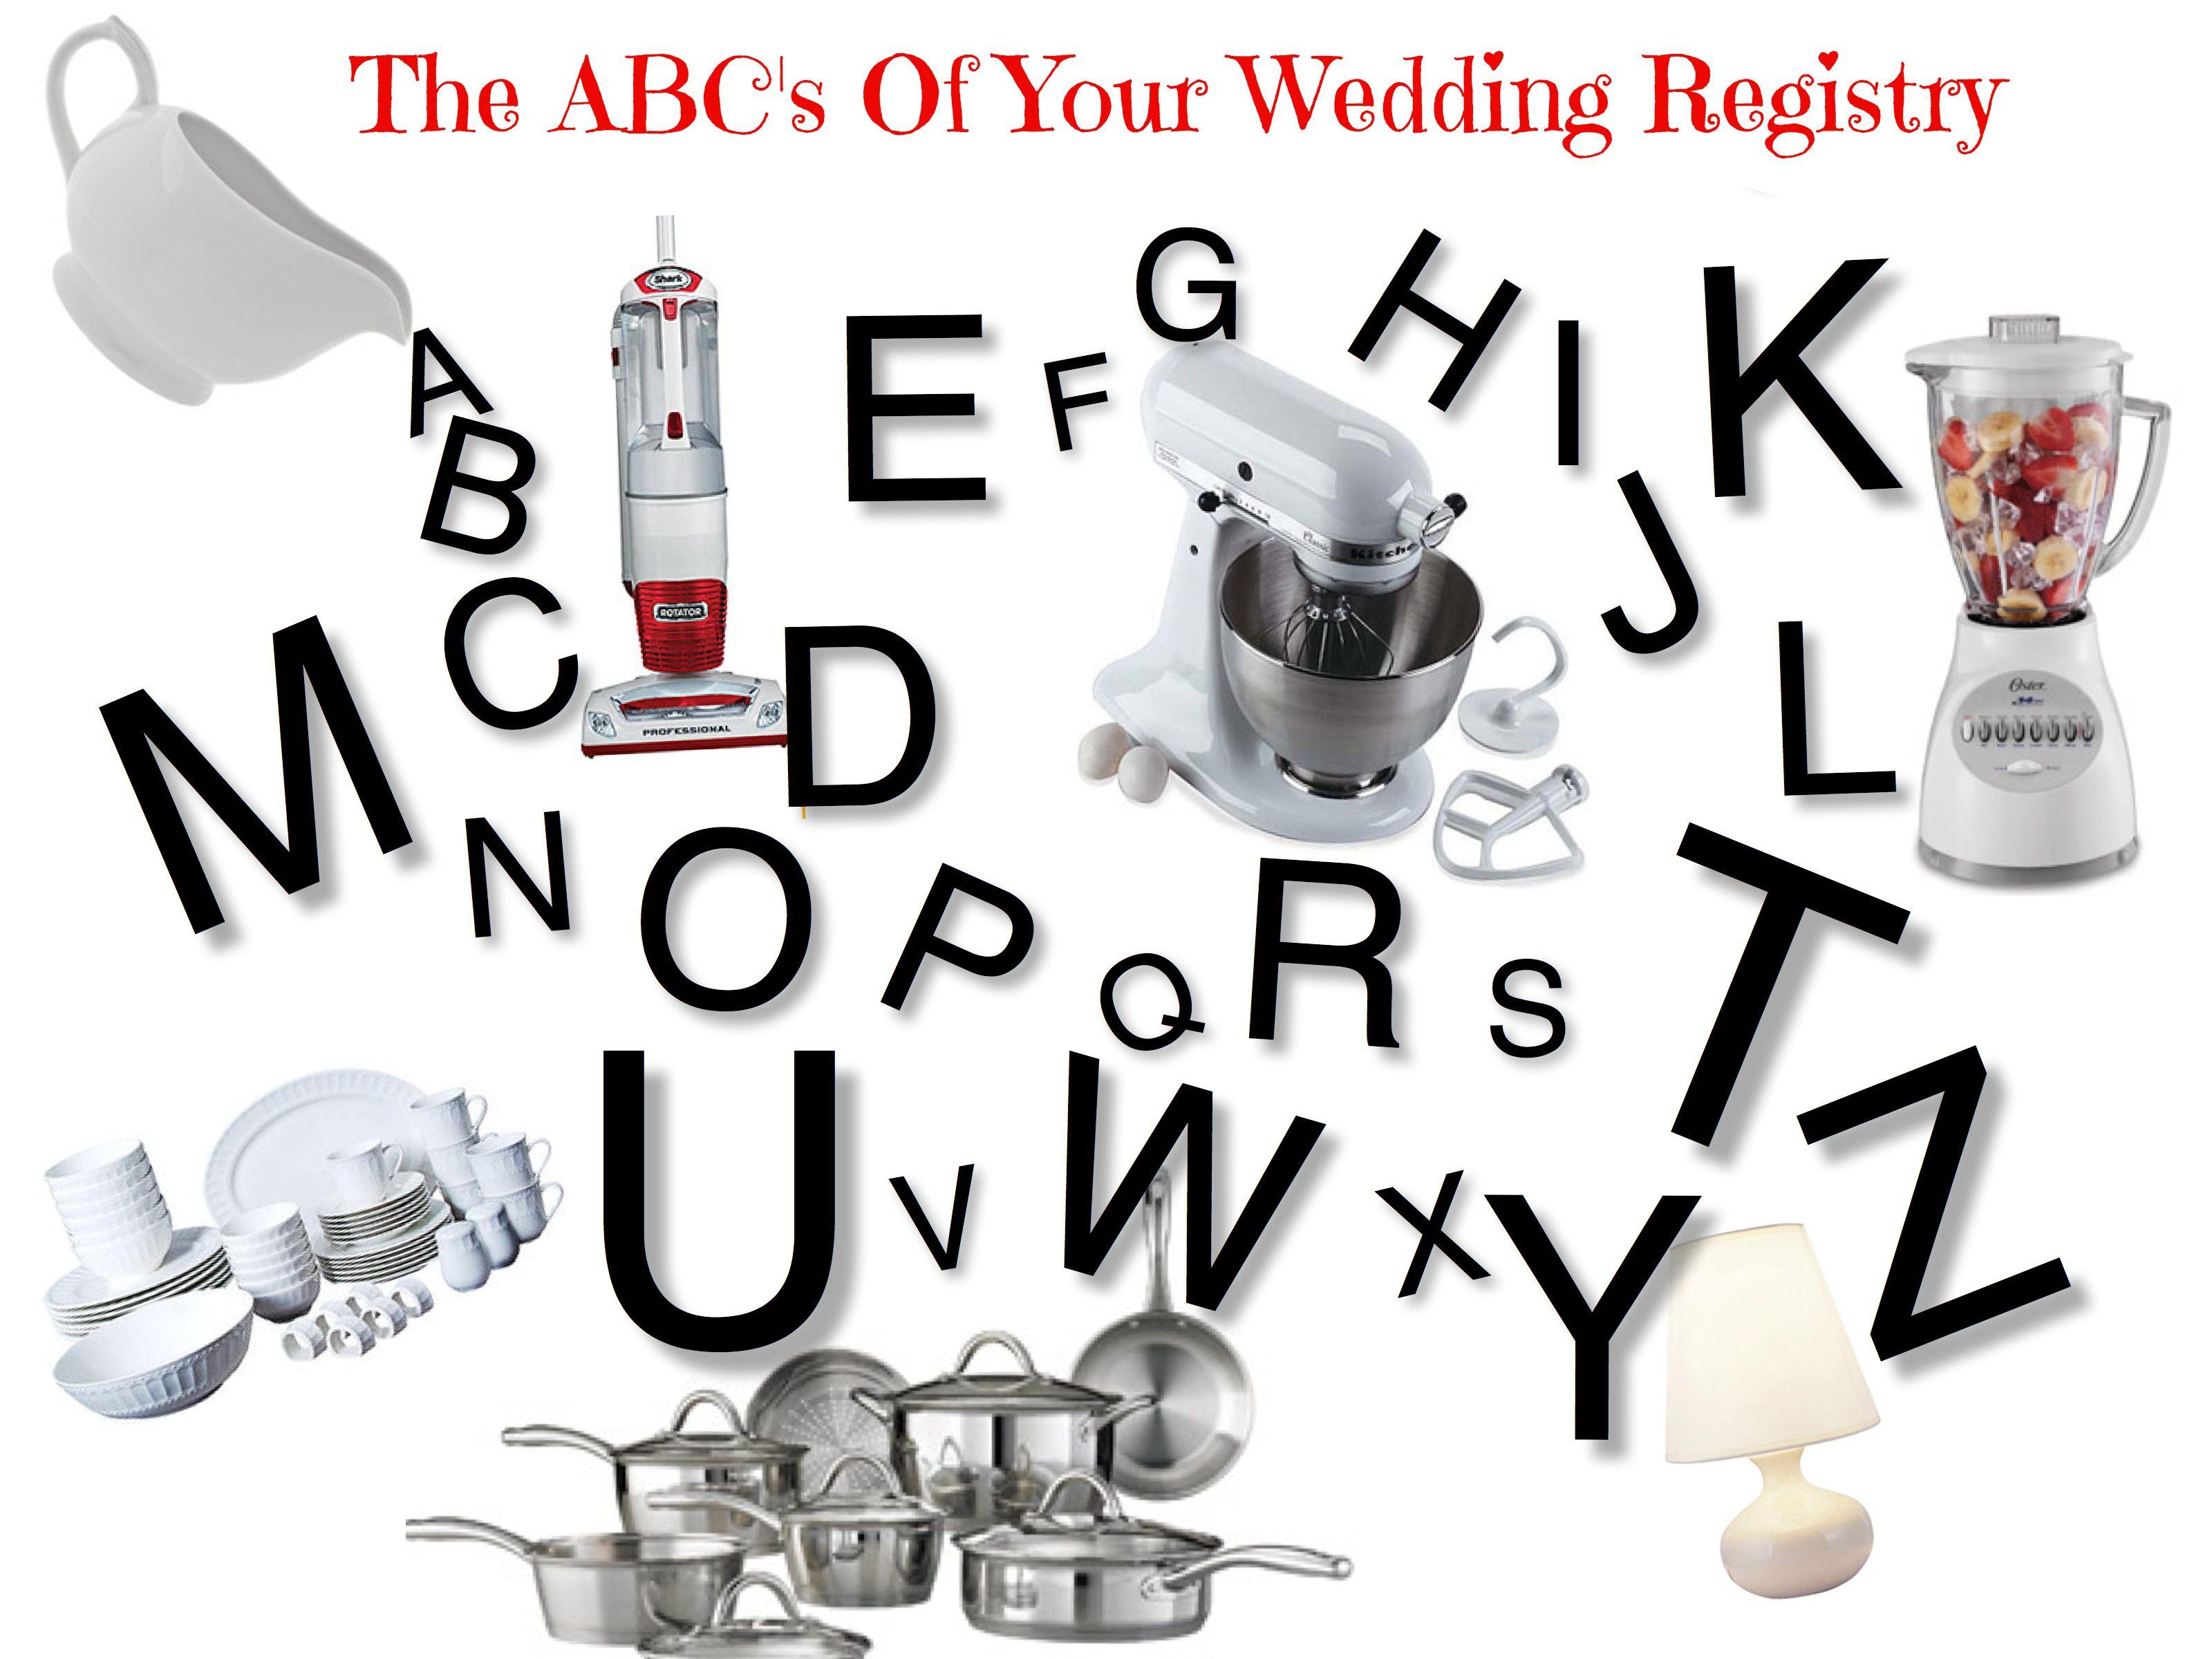 ABC's of wedding registry